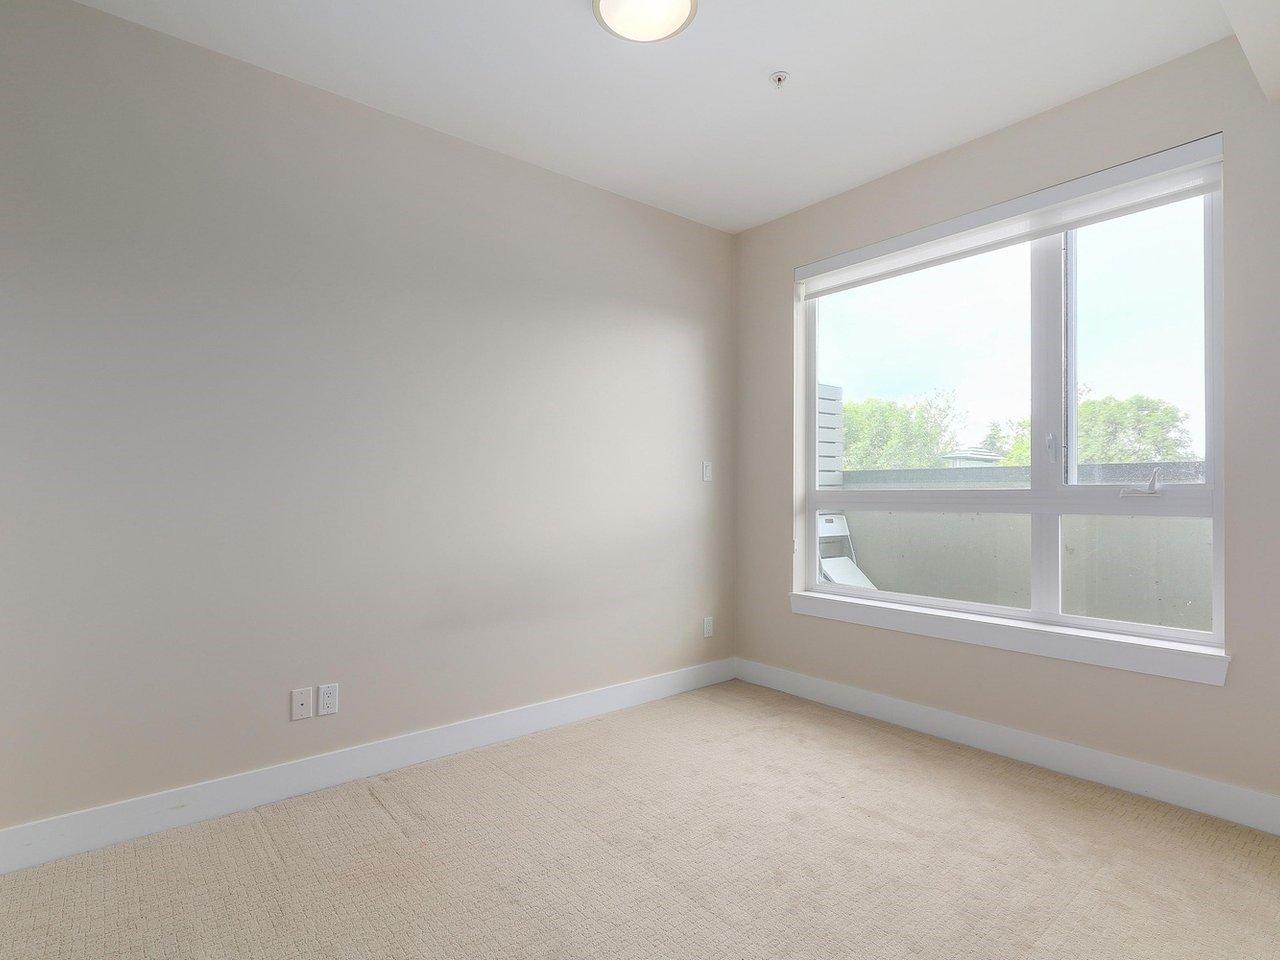 """Photo 9: Photos: 206 6011 NO. 1 Road in Richmond: Terra Nova Condo for sale in """"TERRA WEST"""" : MLS®# R2398538"""